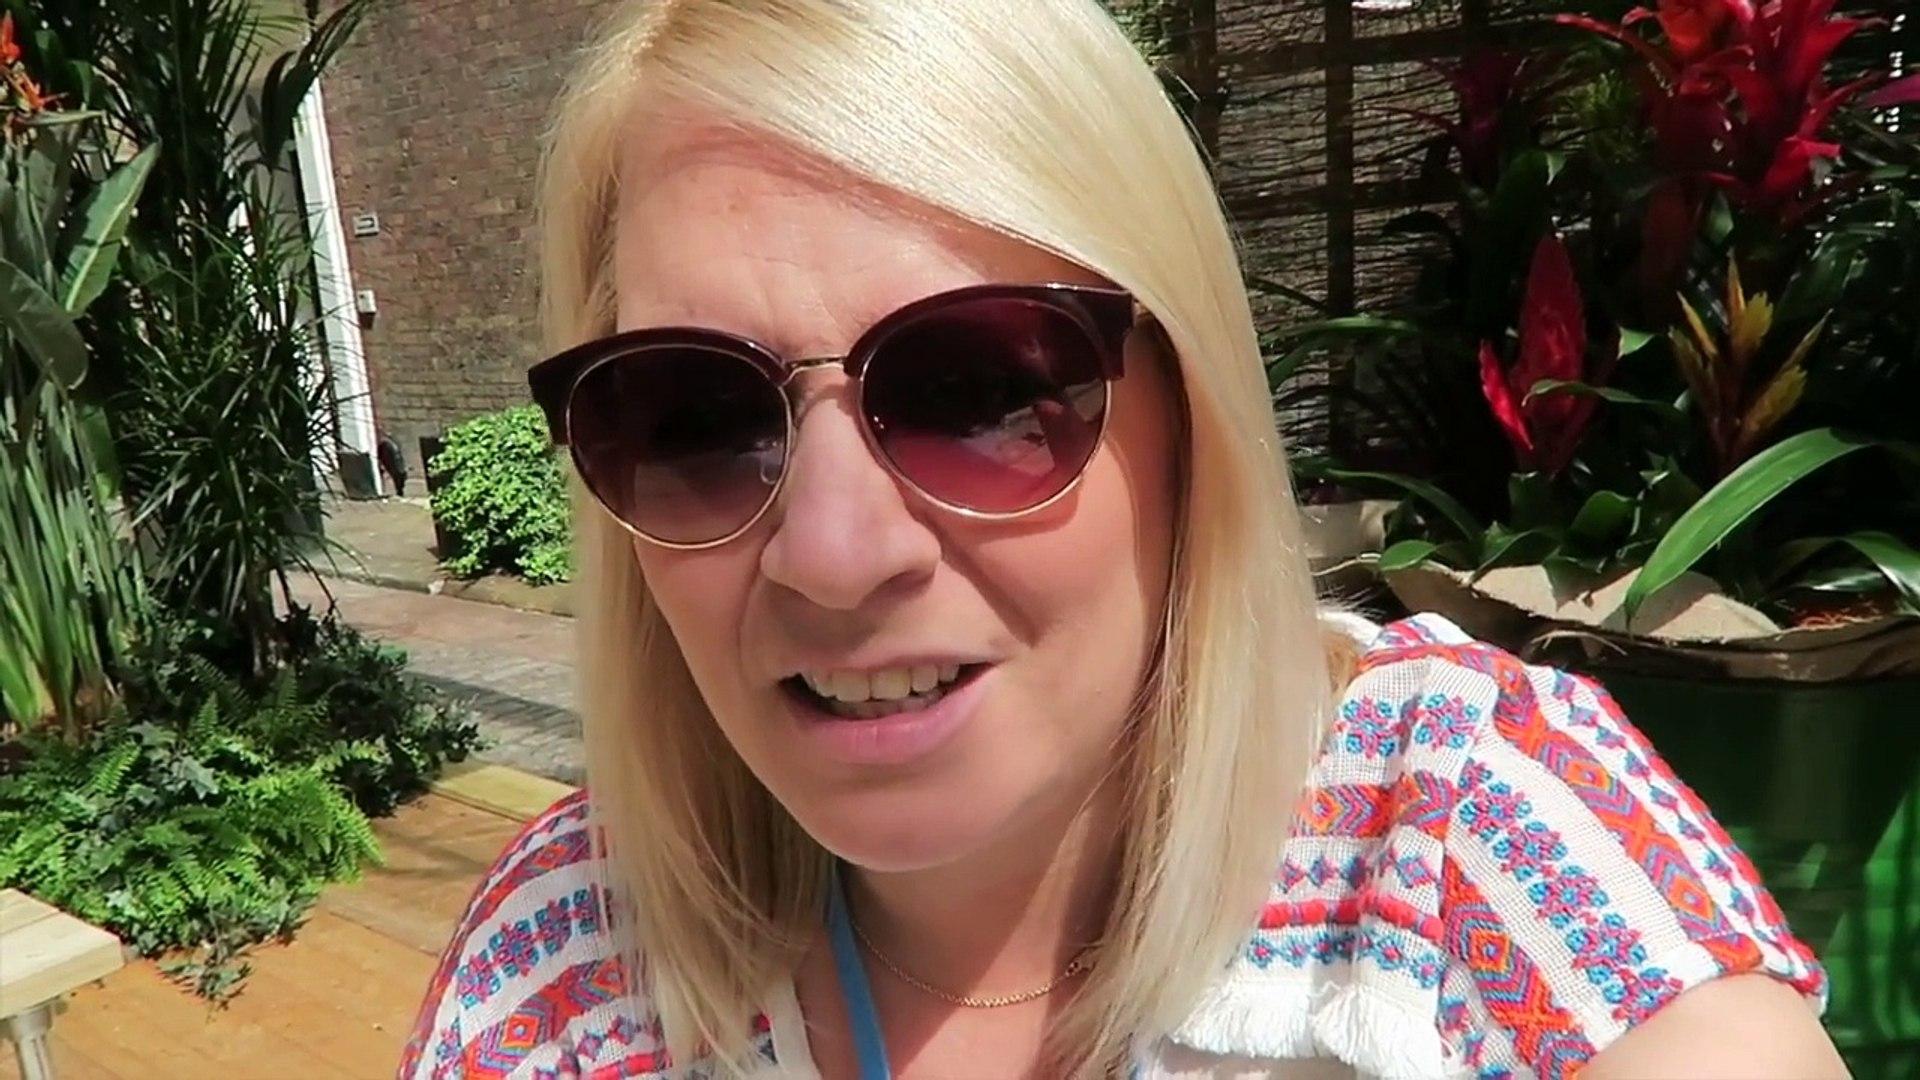 Weekend Vlog 10 - London, Losing & Looking Like Tupac